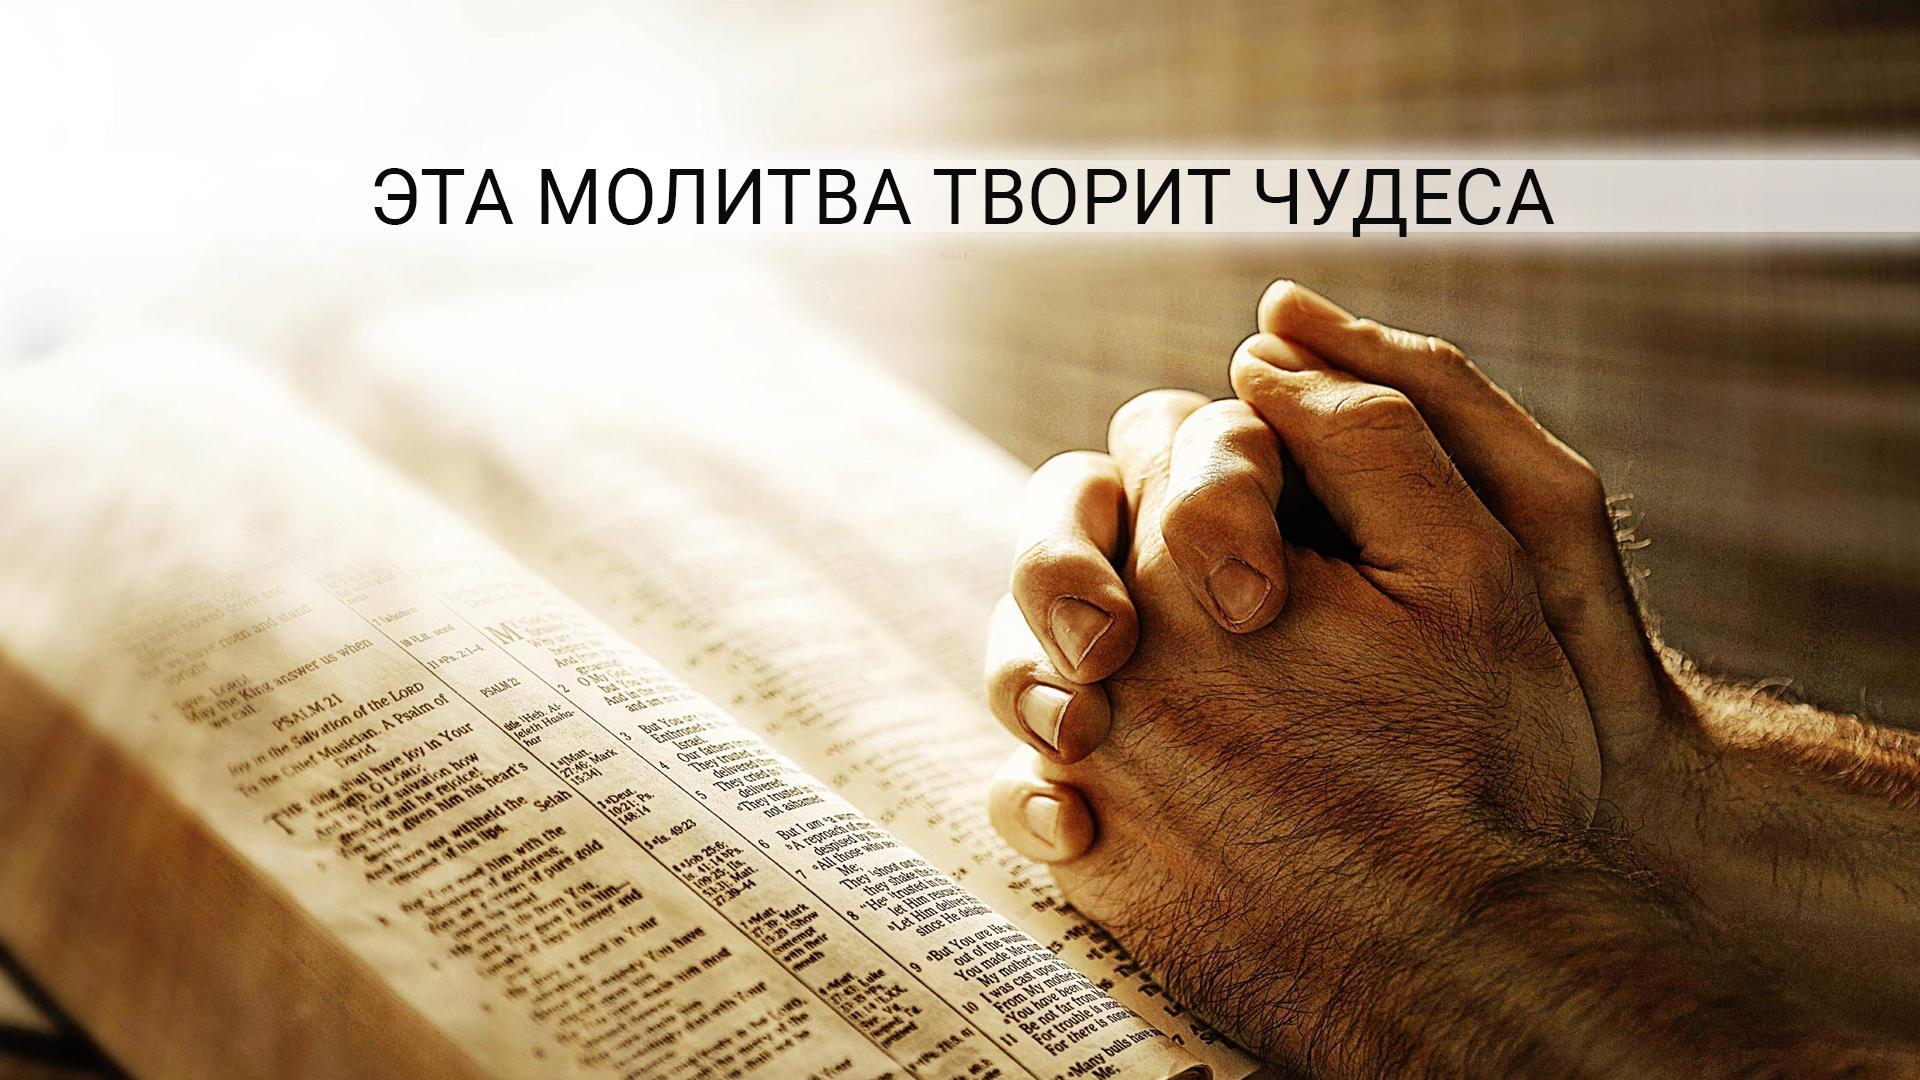 Молитва которая помогла